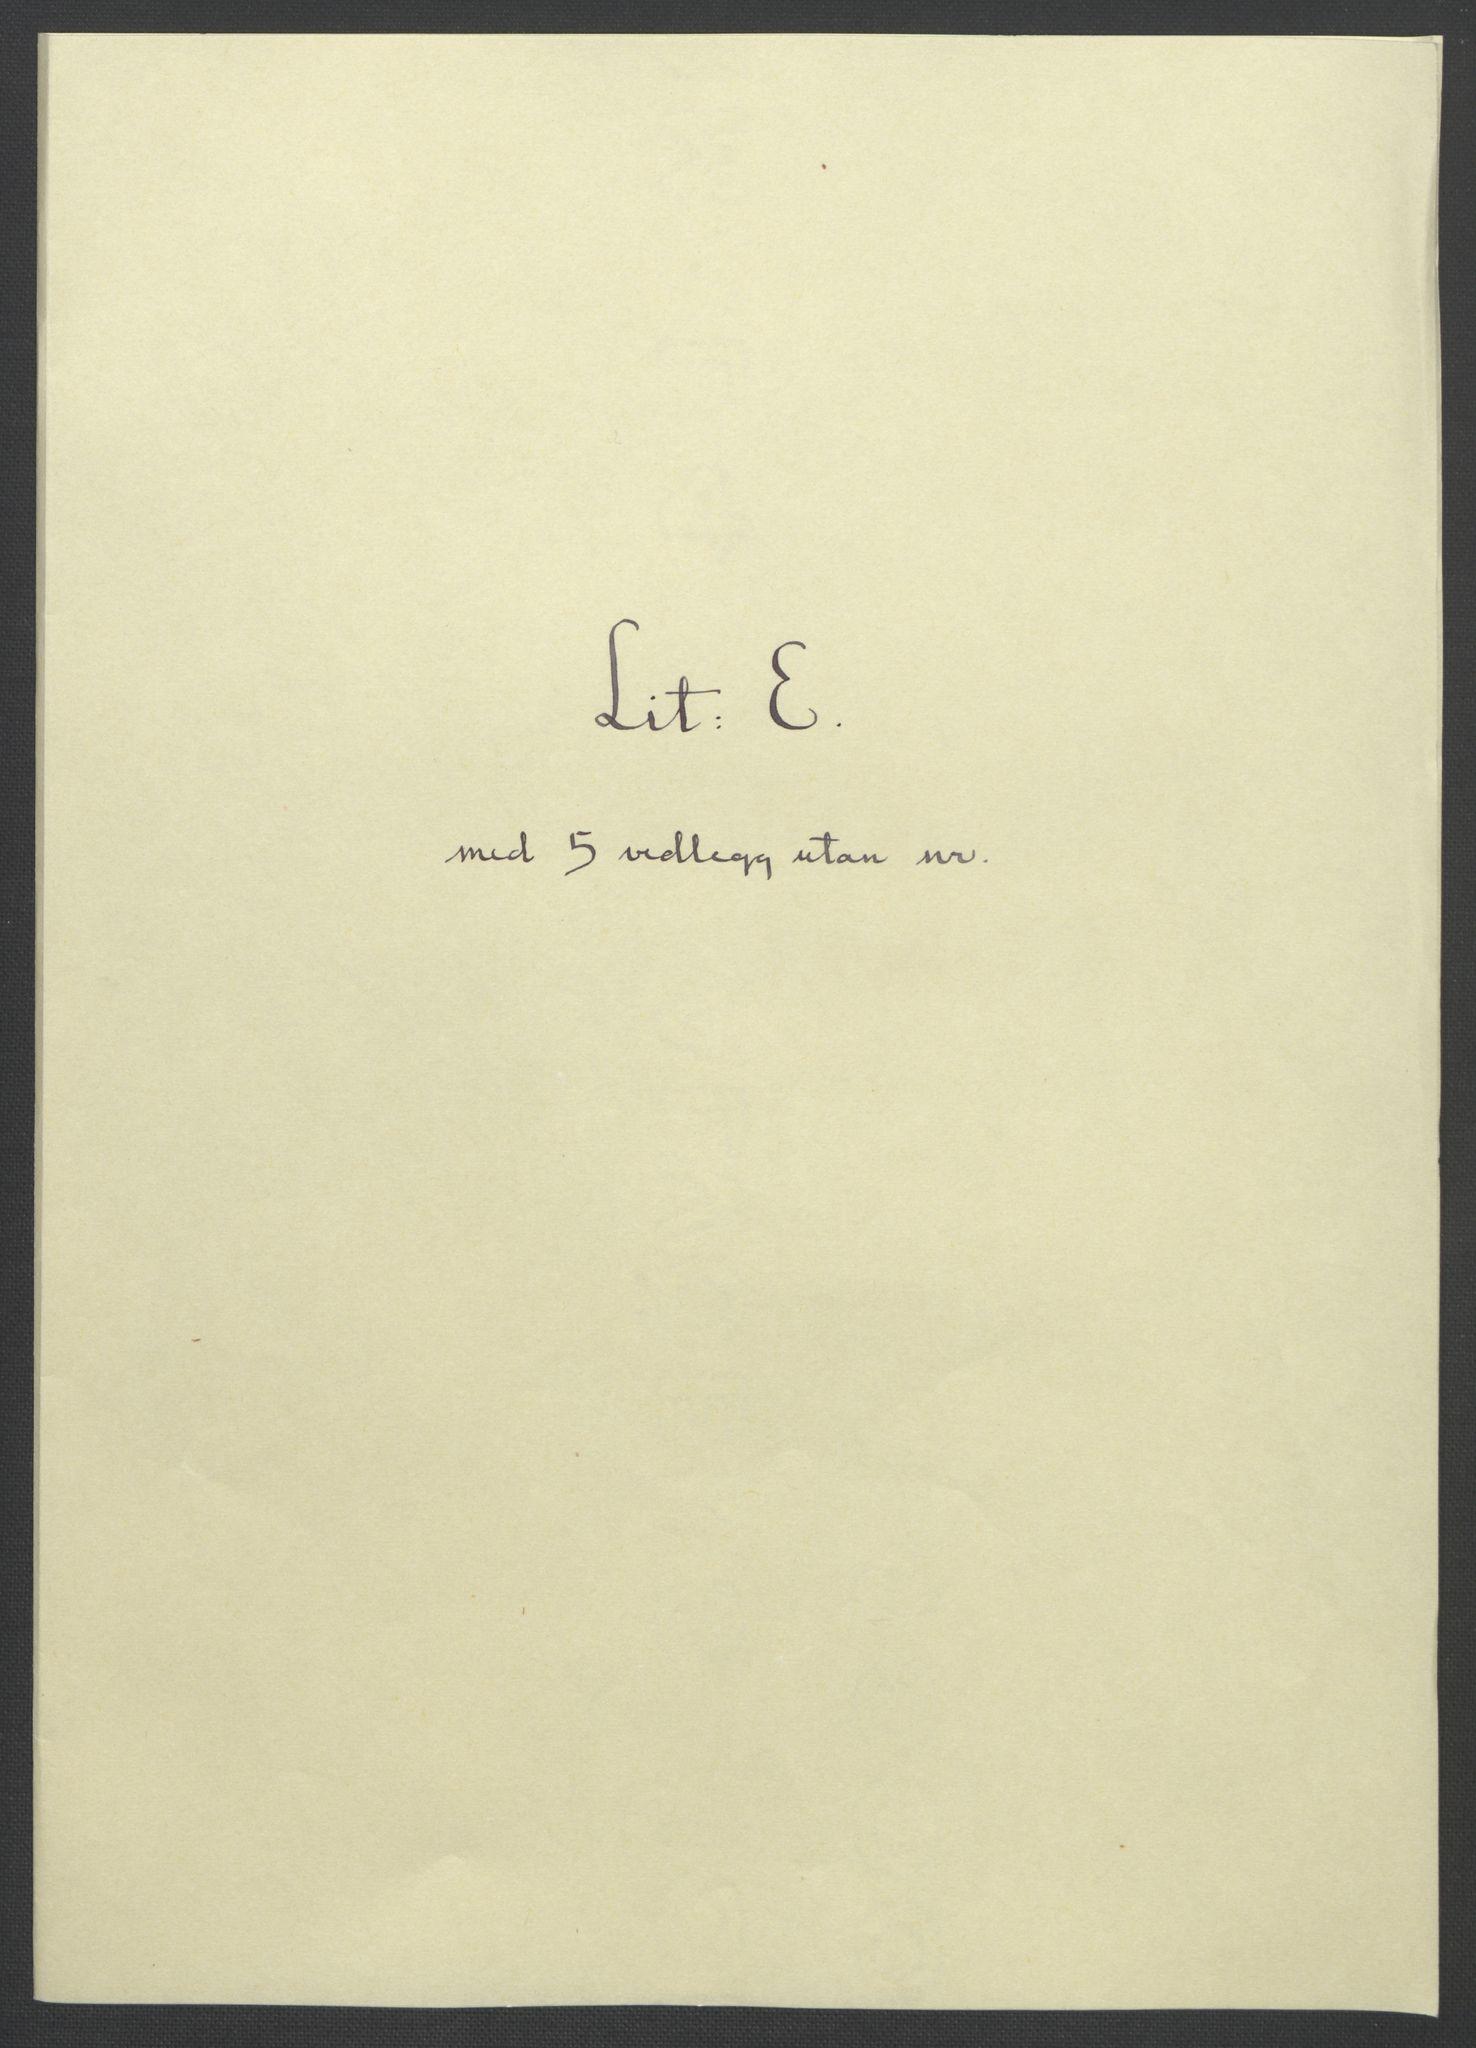 RA, Rentekammeret inntil 1814, Reviderte regnskaper, Fogderegnskap, R53/L3420: Fogderegnskap Sunn- og Nordfjord, 1691-1692, s. 228